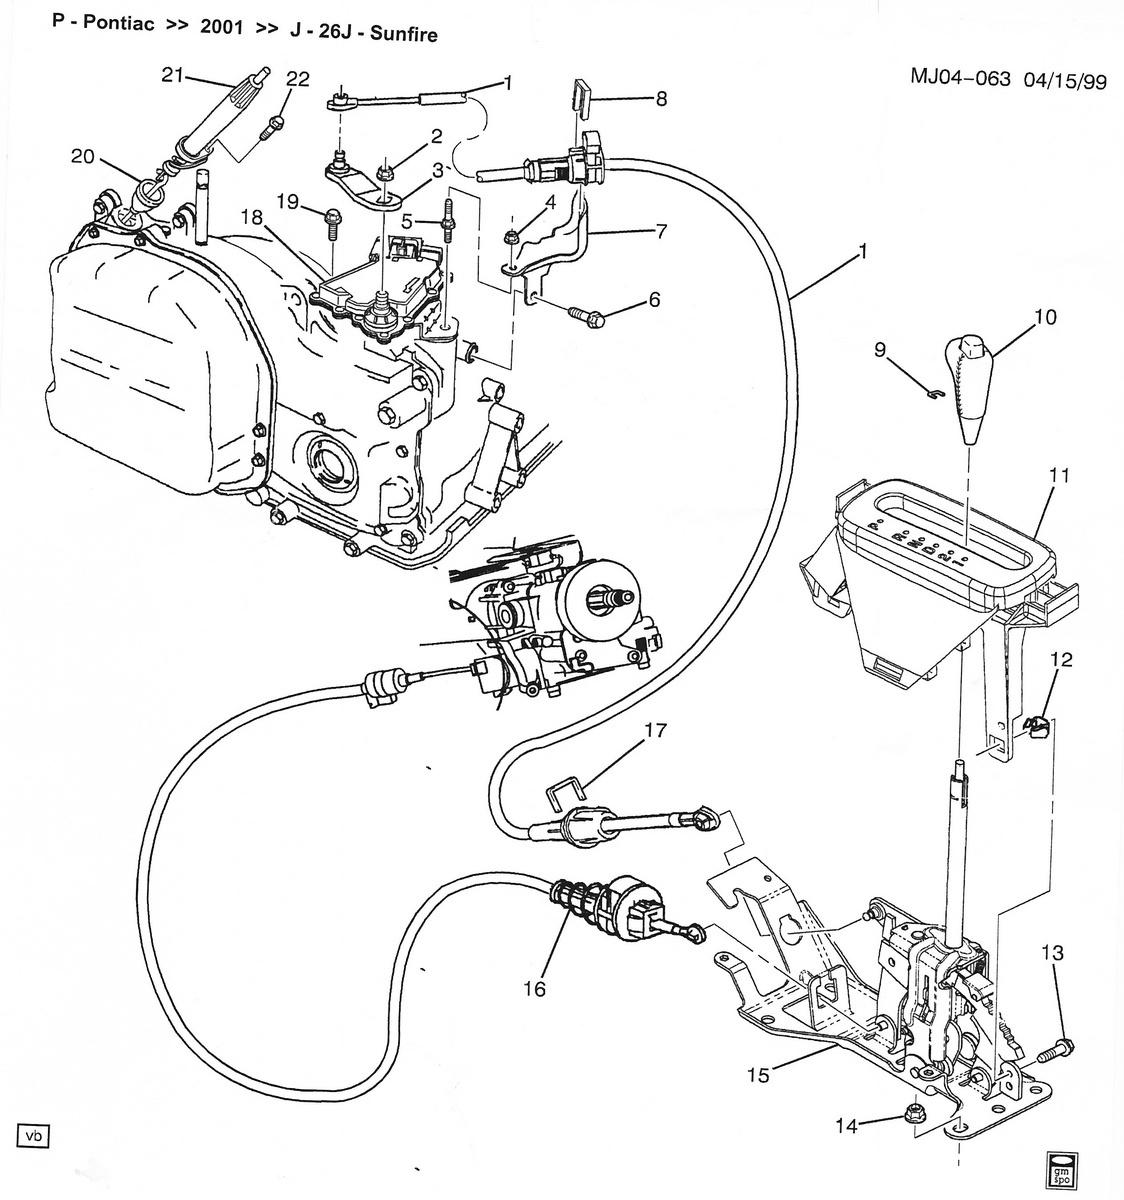 2000 chevy cavalier wiring diagram 97 cavalier wiring diagram wiring diagram data 2000 chevy cavalier wiring harness diagram 97 cavalier wiring diagram wiring